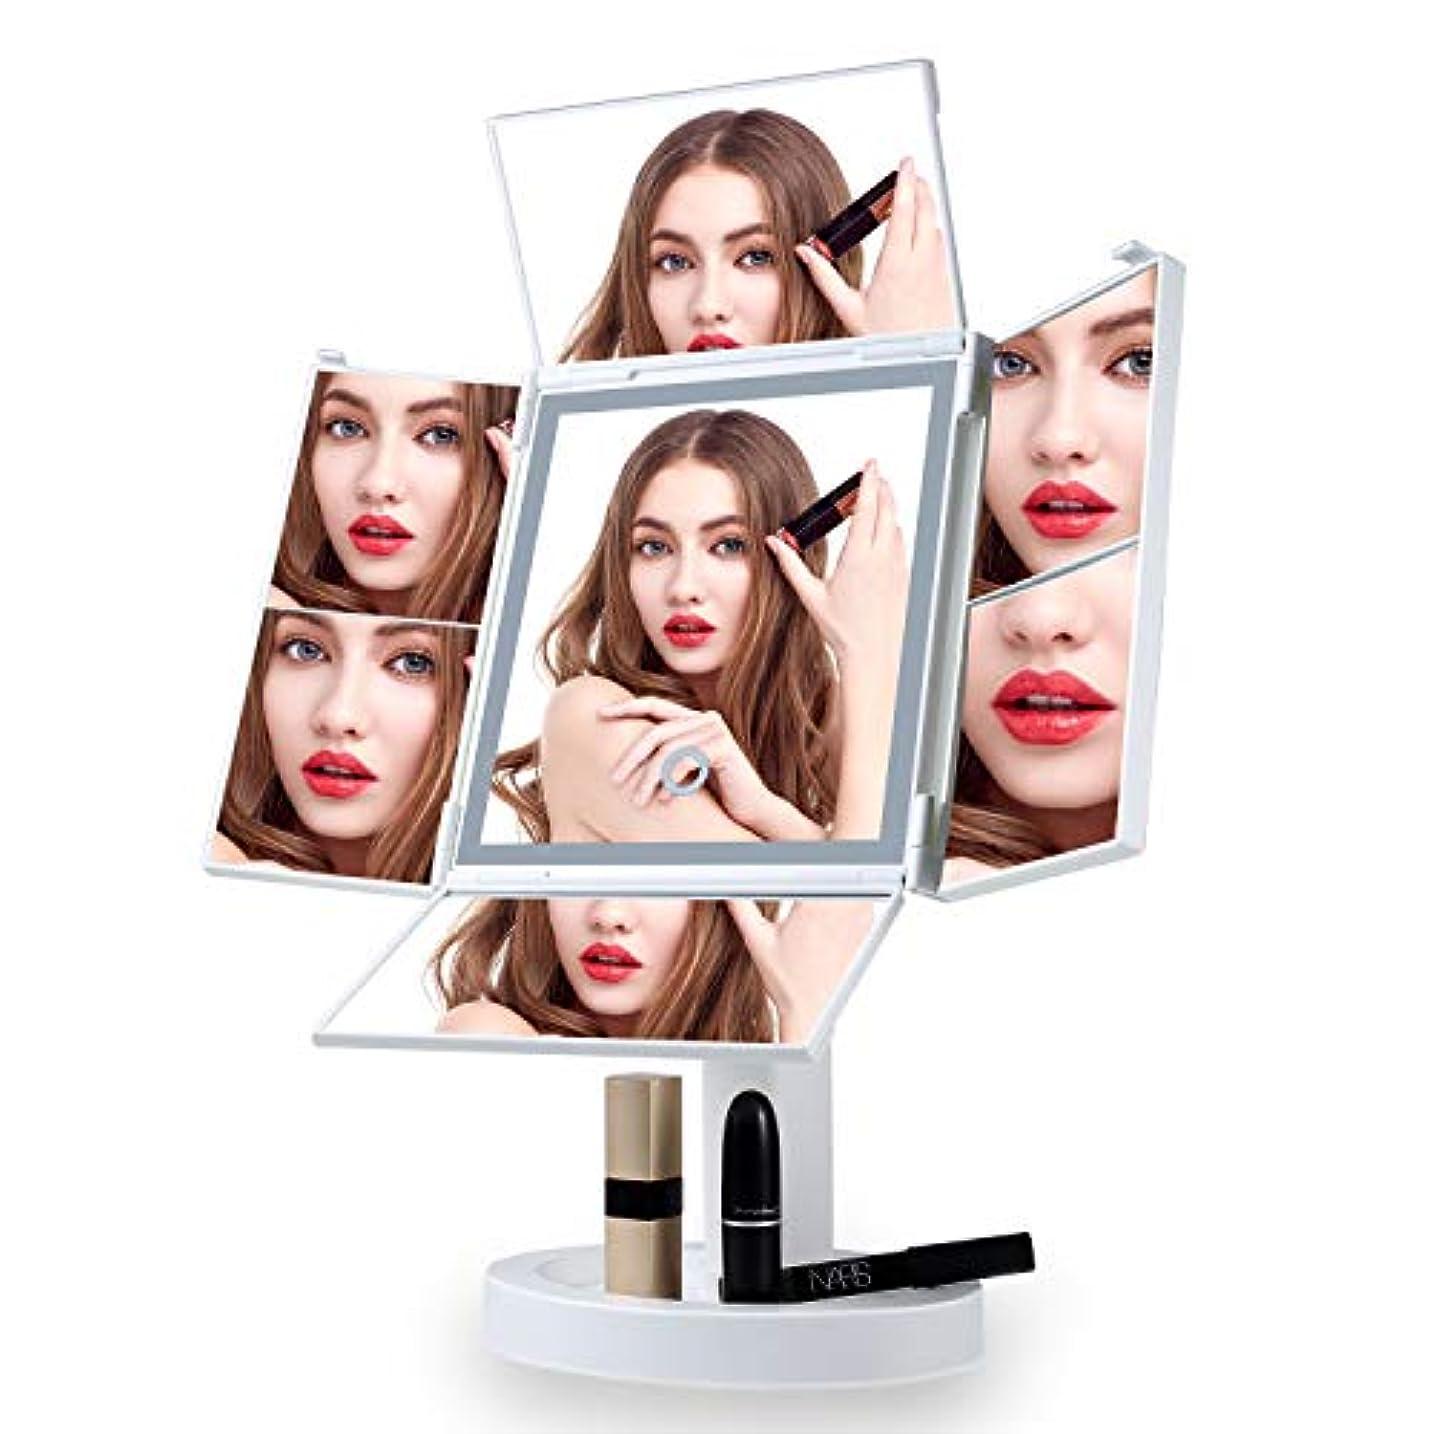 密輸保持隣接化粧鏡 女優ミラー 四面鏡 led鏡 卓上鏡 化粧ミラー スタンドミラー 折りたたみ式 ledライト付き 明るさ調整可能 2 x 3 x 5 x 7倍拡大鏡付360°回転 電池&USB 2WAY給電